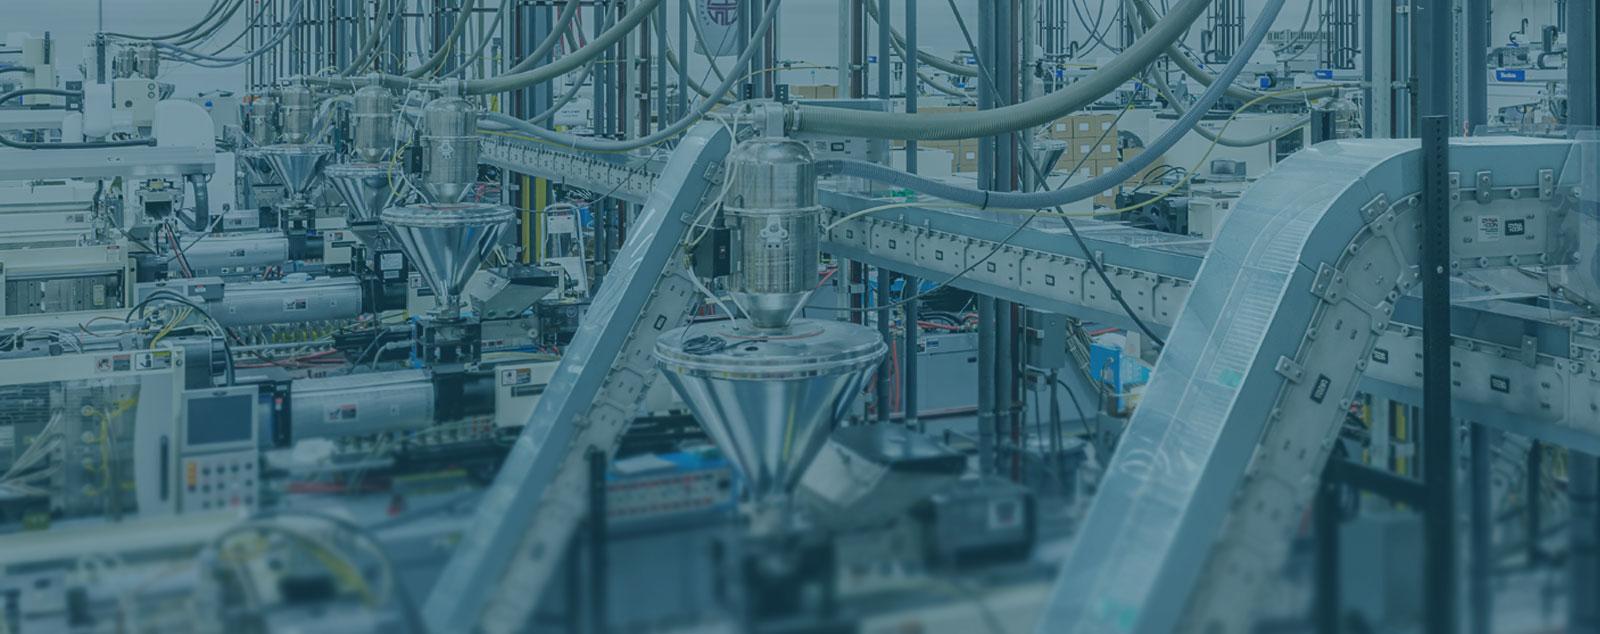 A facility using a variety of DynaCon custom conveyor systems